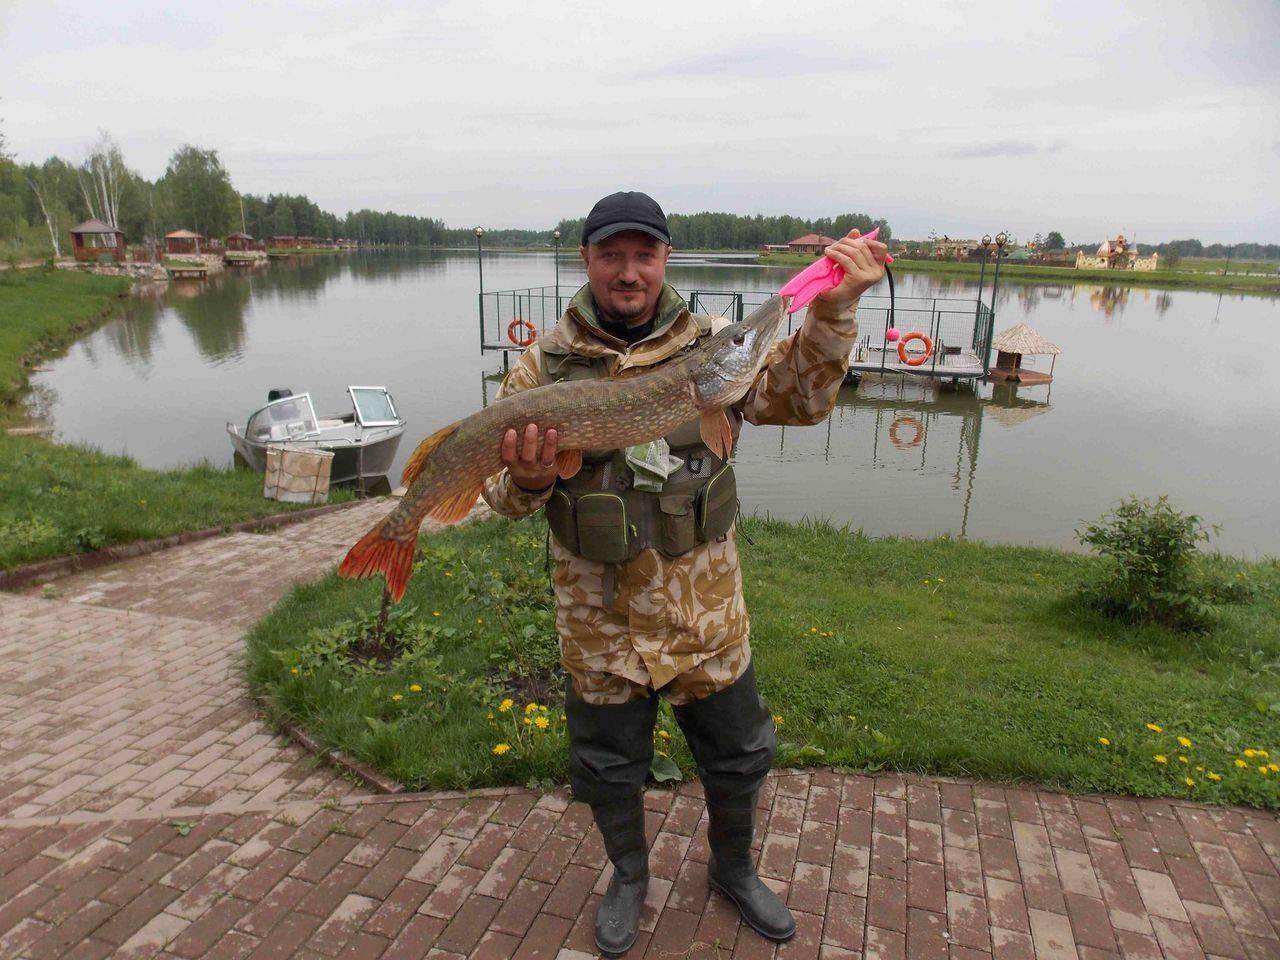 Рыболовная база «ихтиолог» в московской области - цены 2020, фото, отзывы